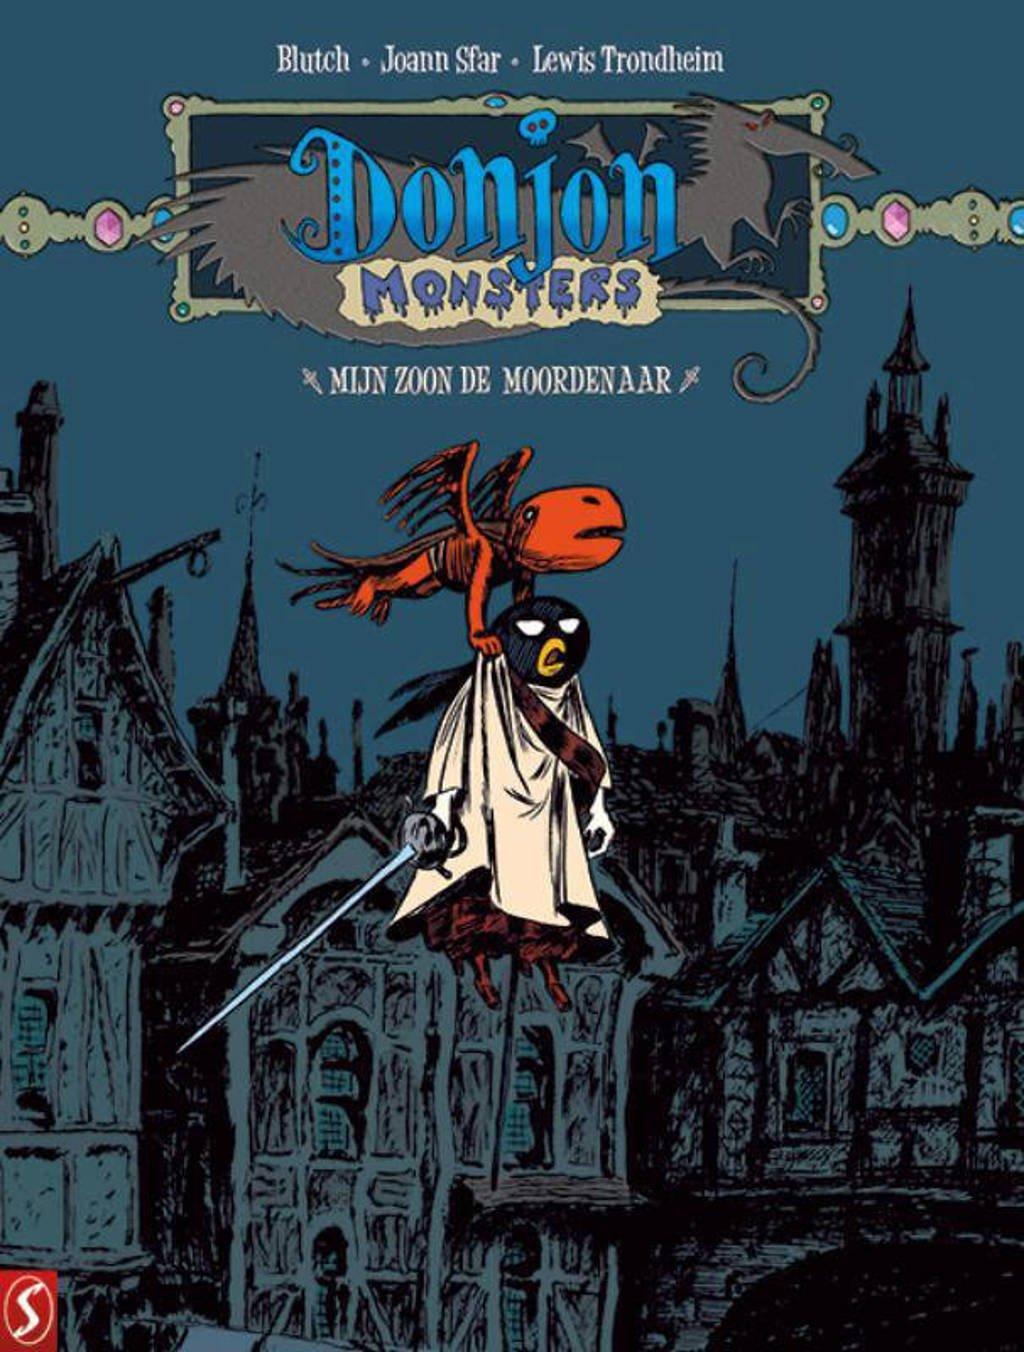 Donjon Monsters: Mijn zoon de moordenaar - Lewis Trondheim, Joann Sfar en Blutch